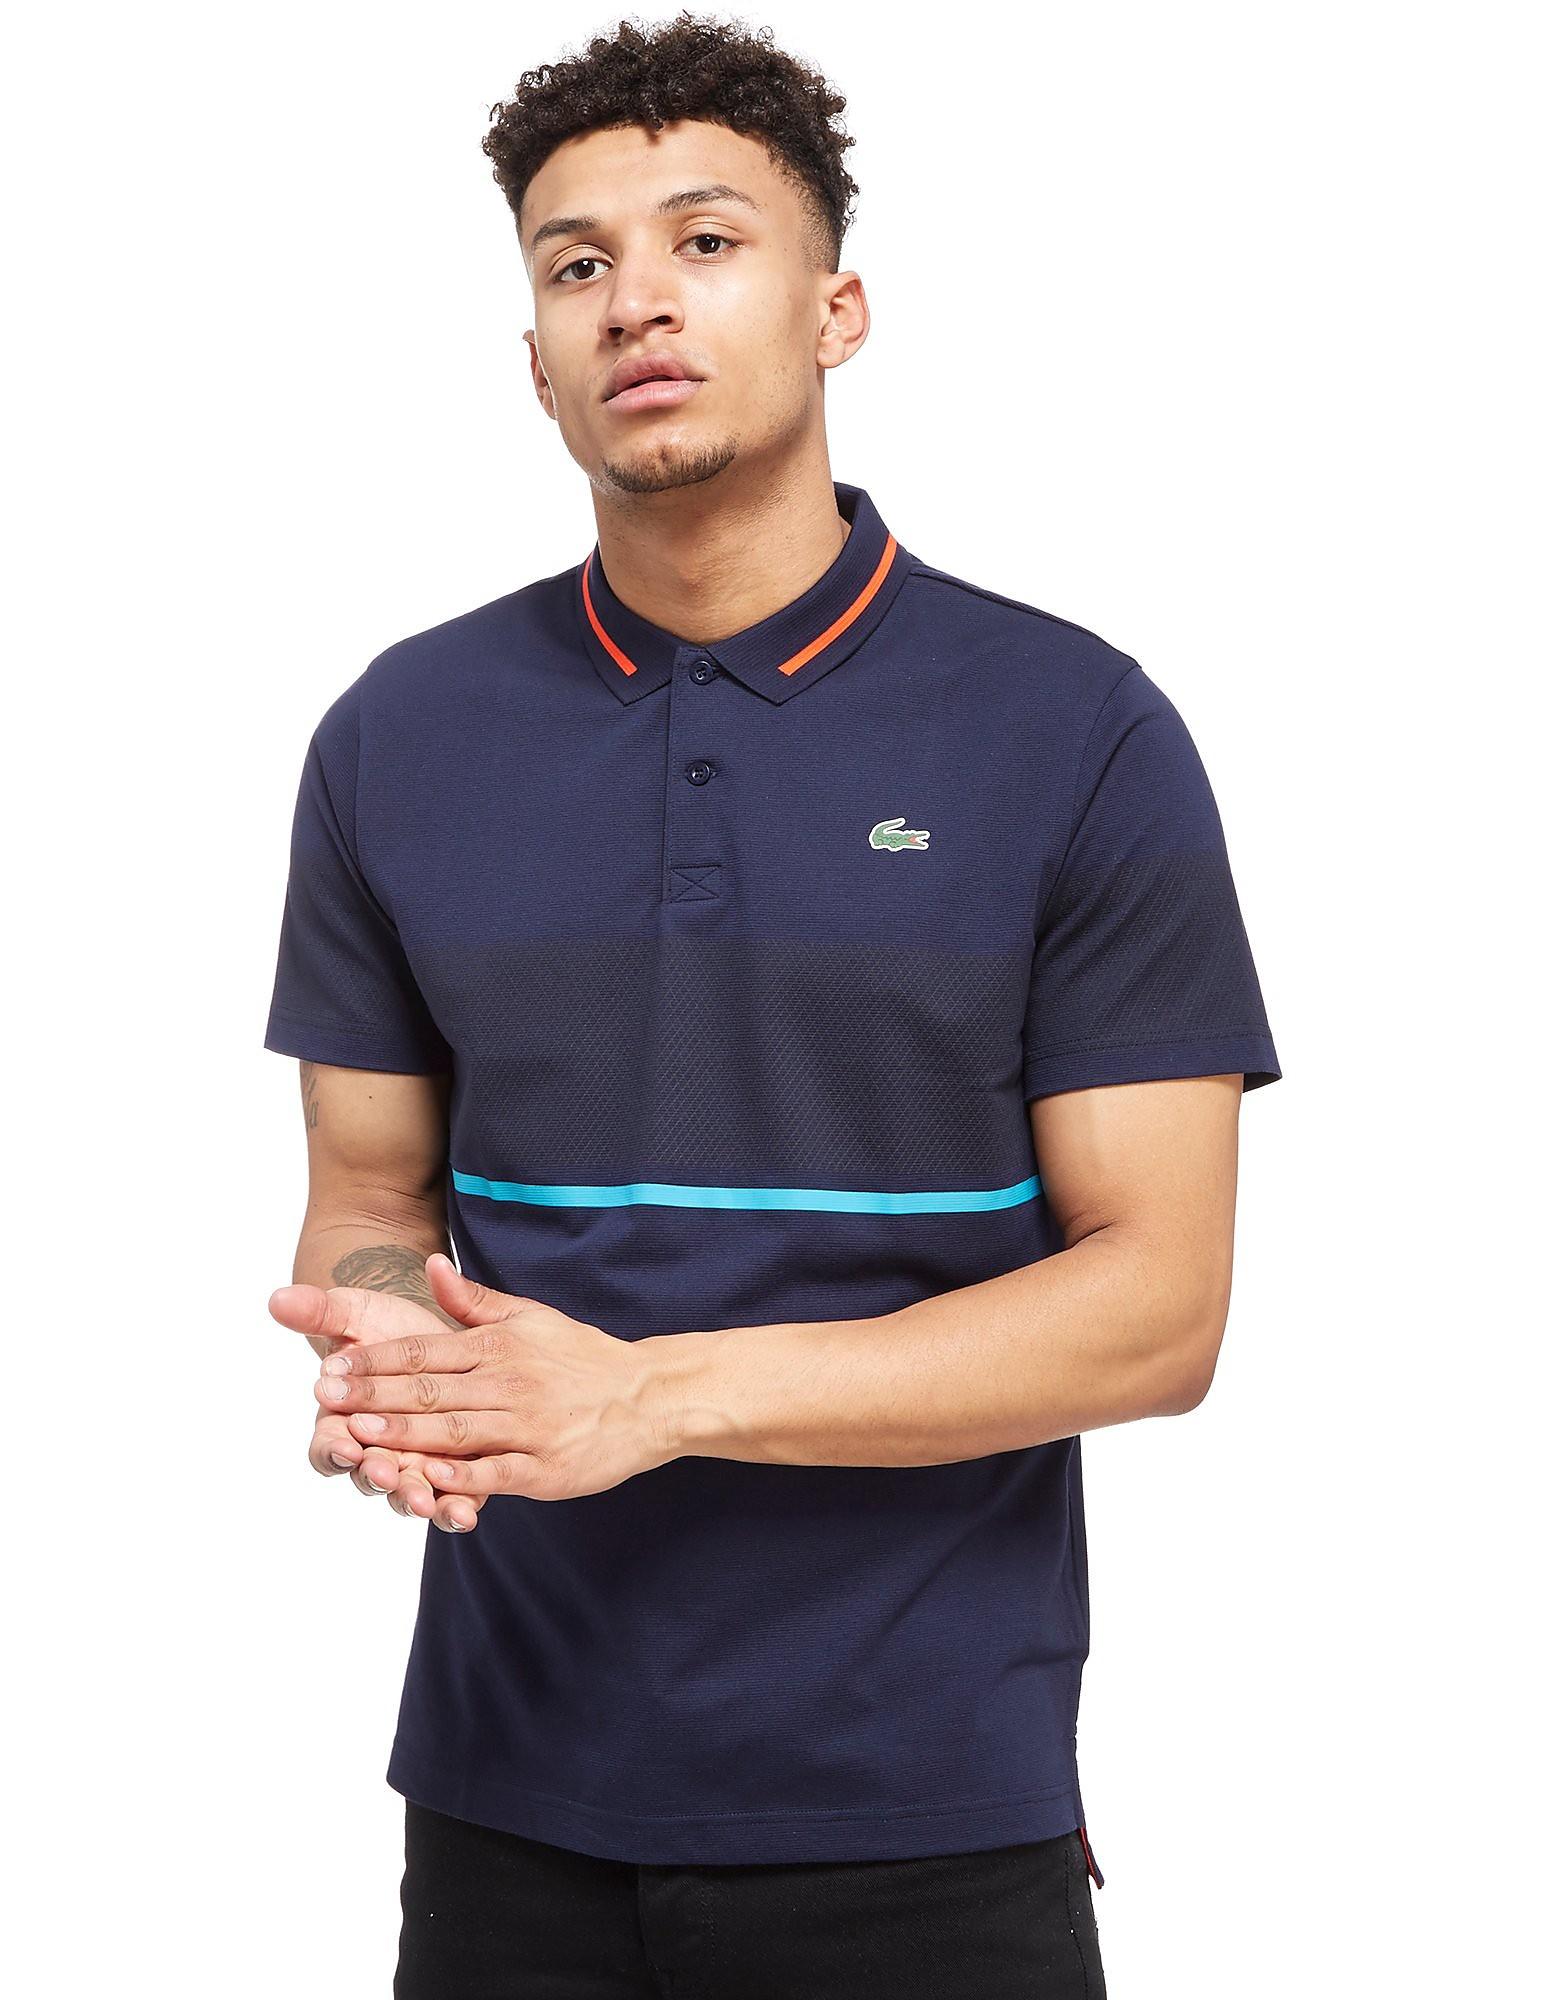 Lacoste Tennis Pique Polo Shirt